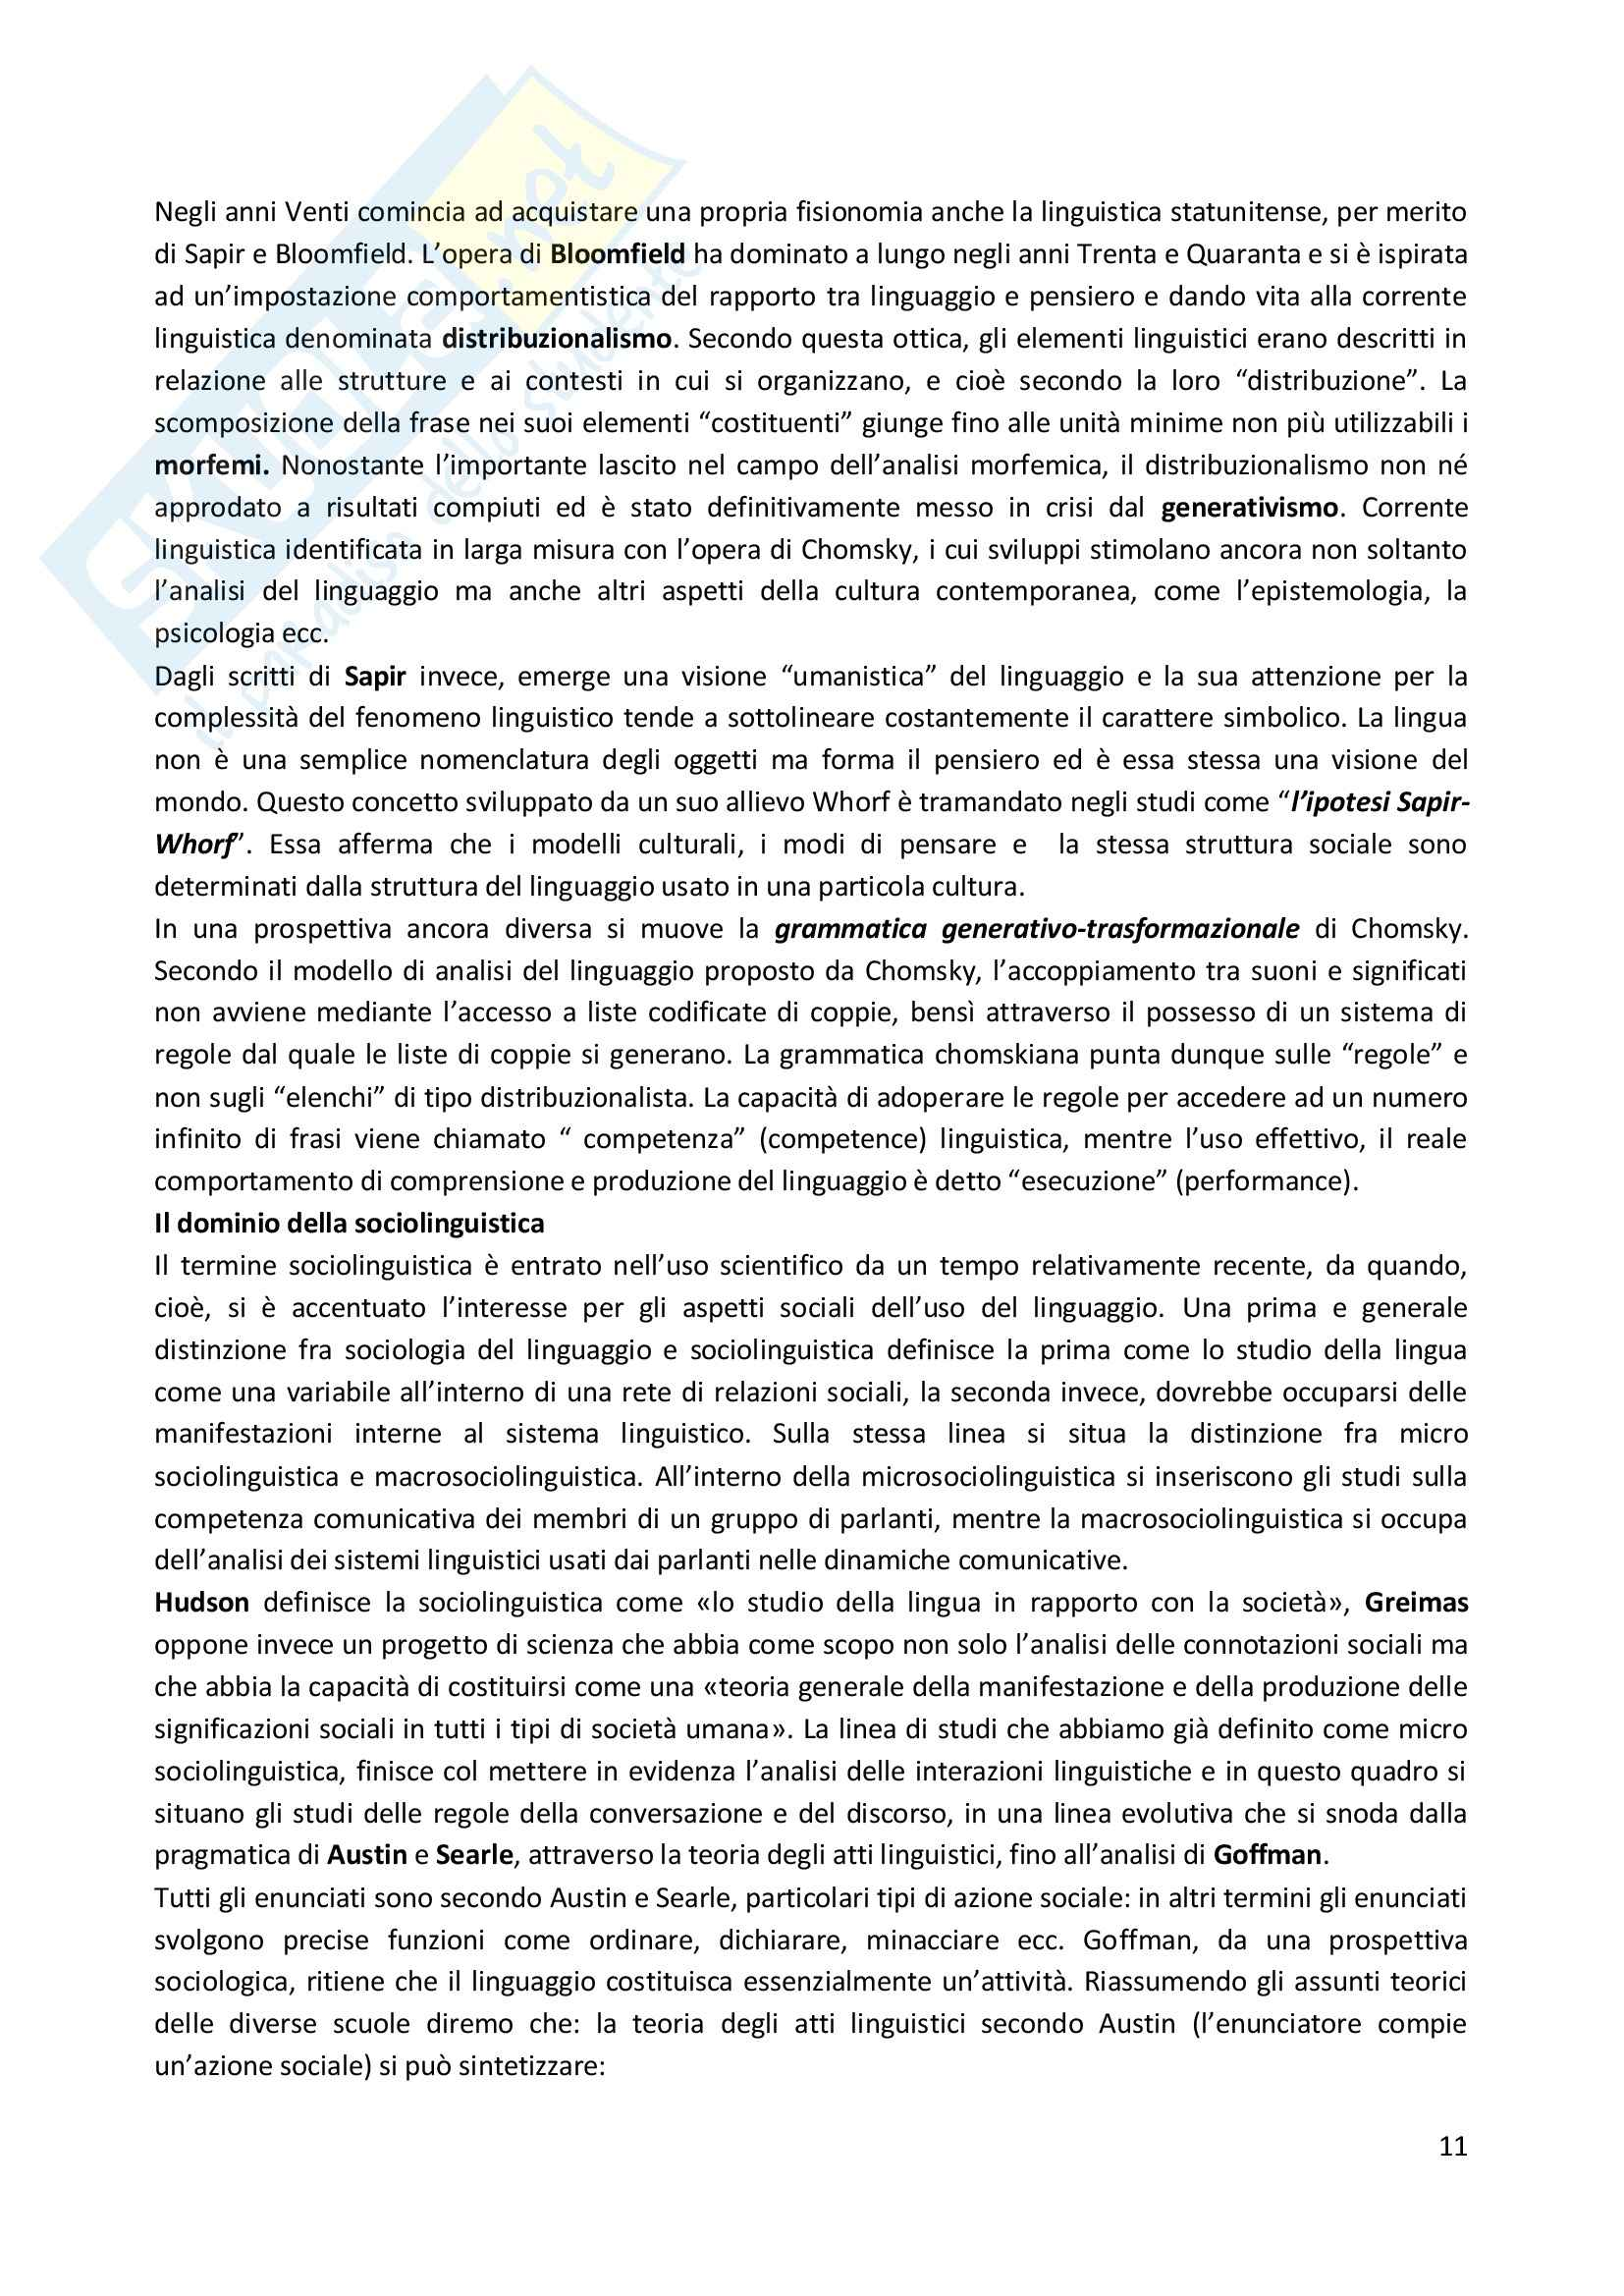 Lezioni, Scienze della comunicazione Pag. 11